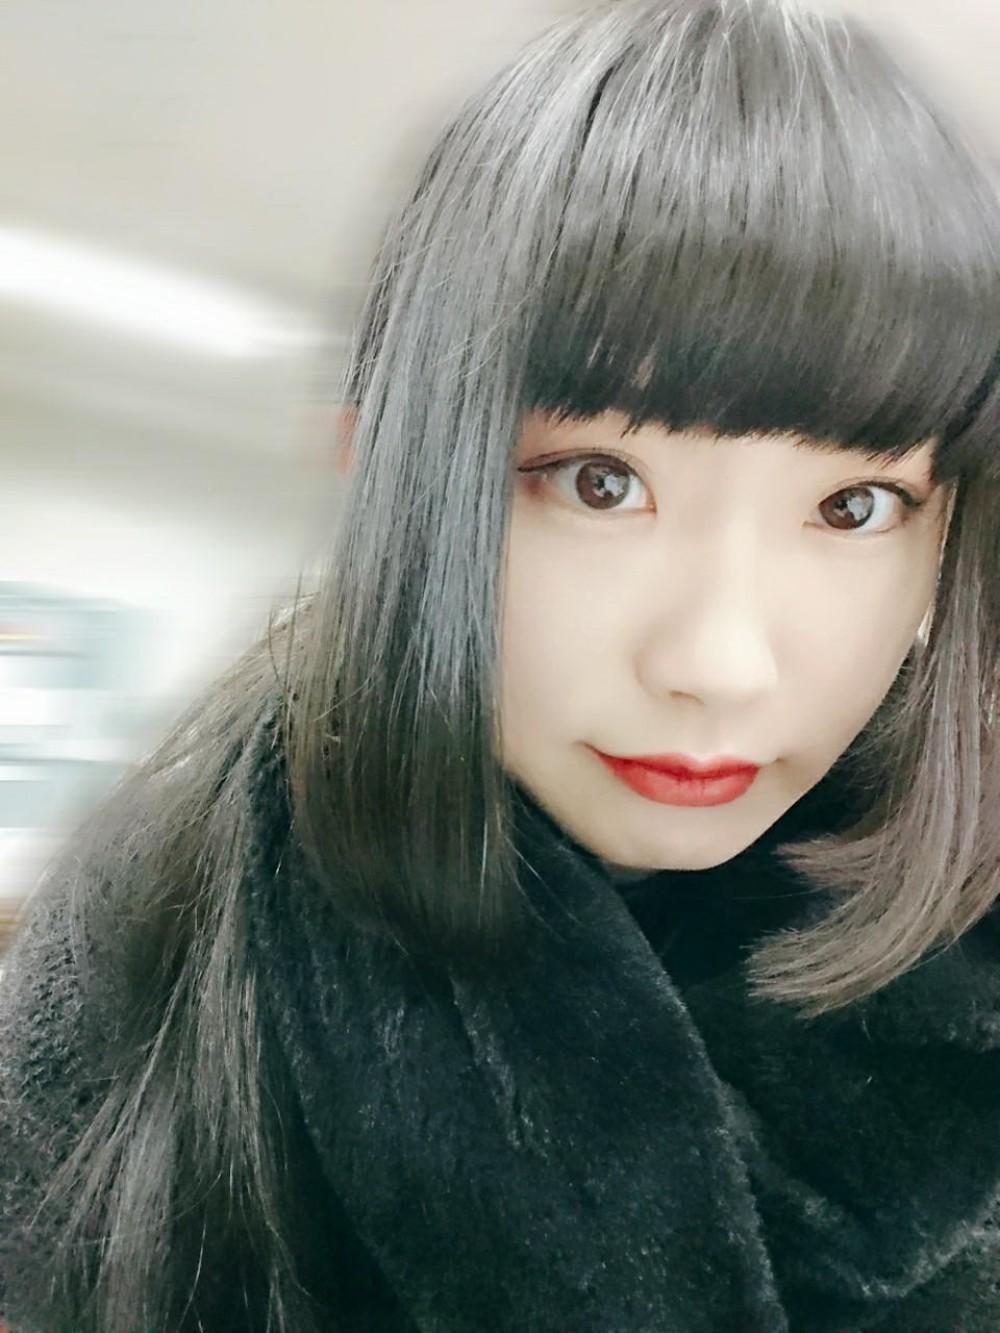 羽藤 萌結(はとうもゆ)( )